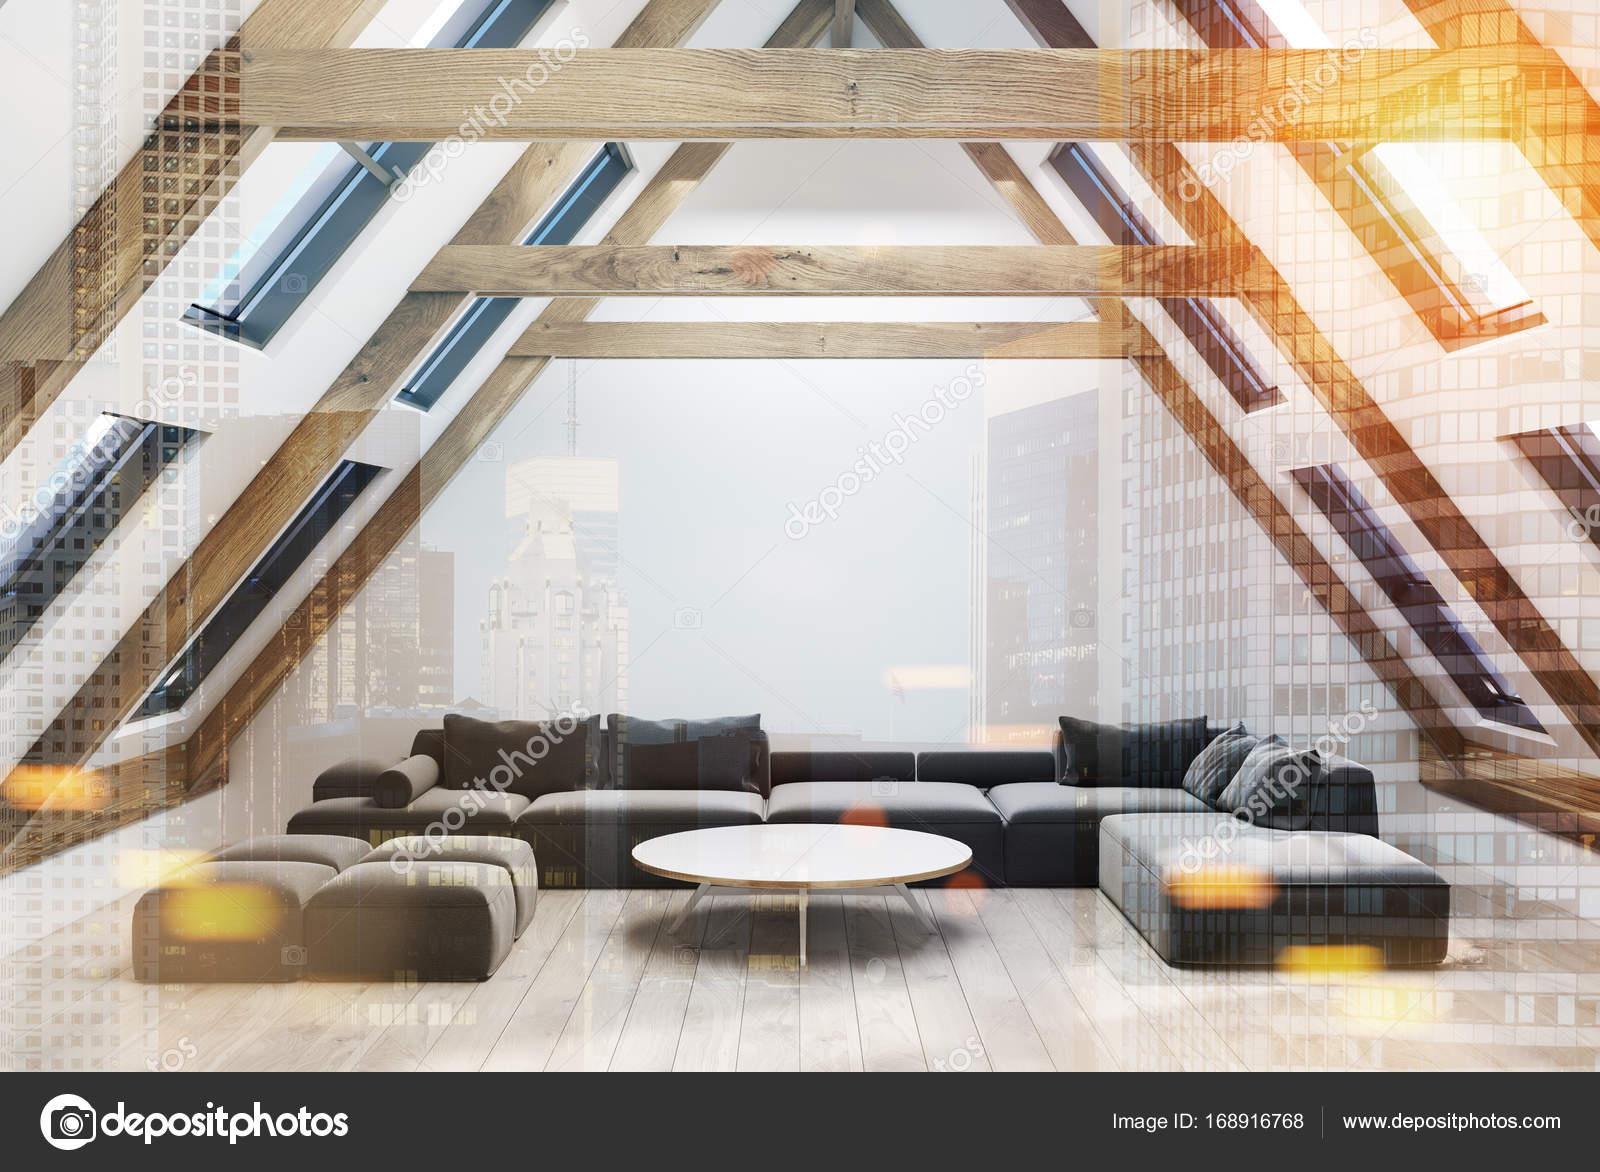 Woonkamer Op Zolder : Zolder woonkamer ronde tafel banken toned u2014 stockfoto